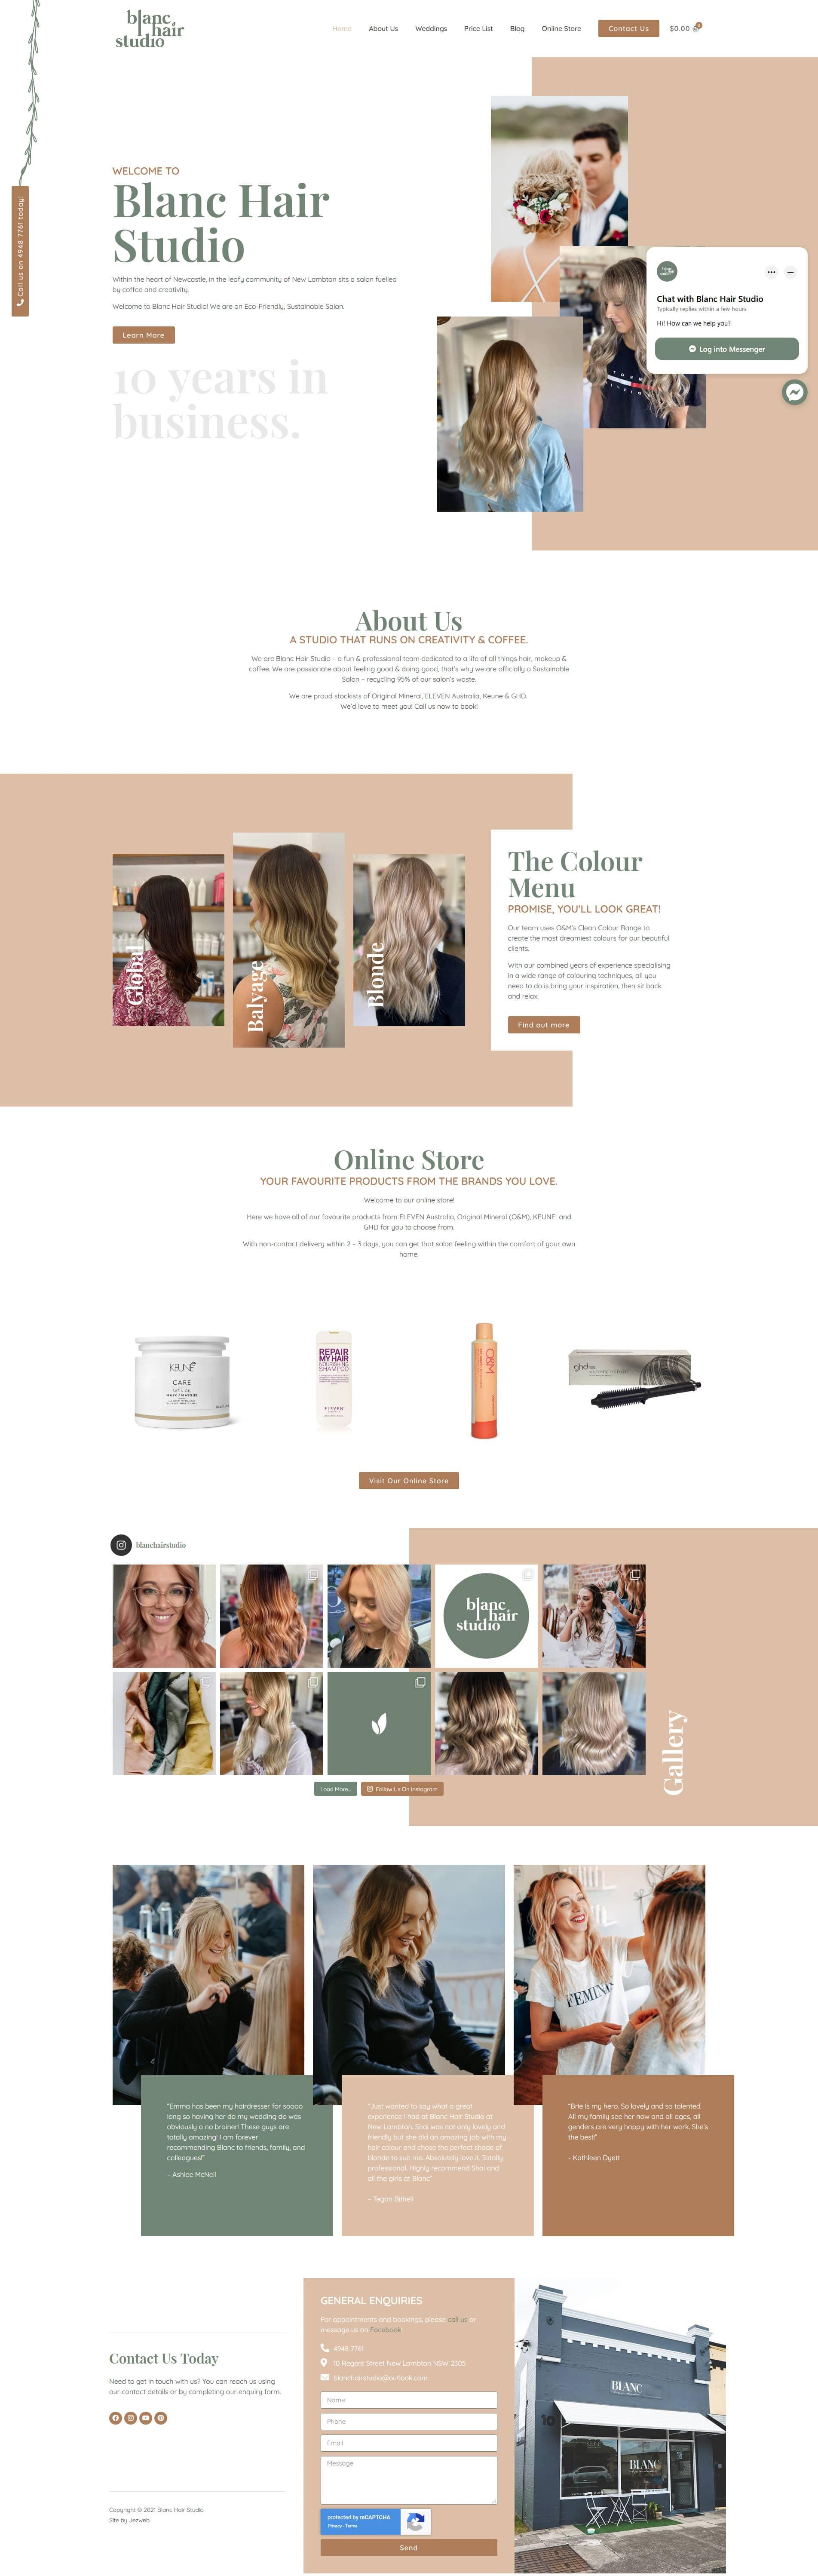 Blanc Hair Studio -